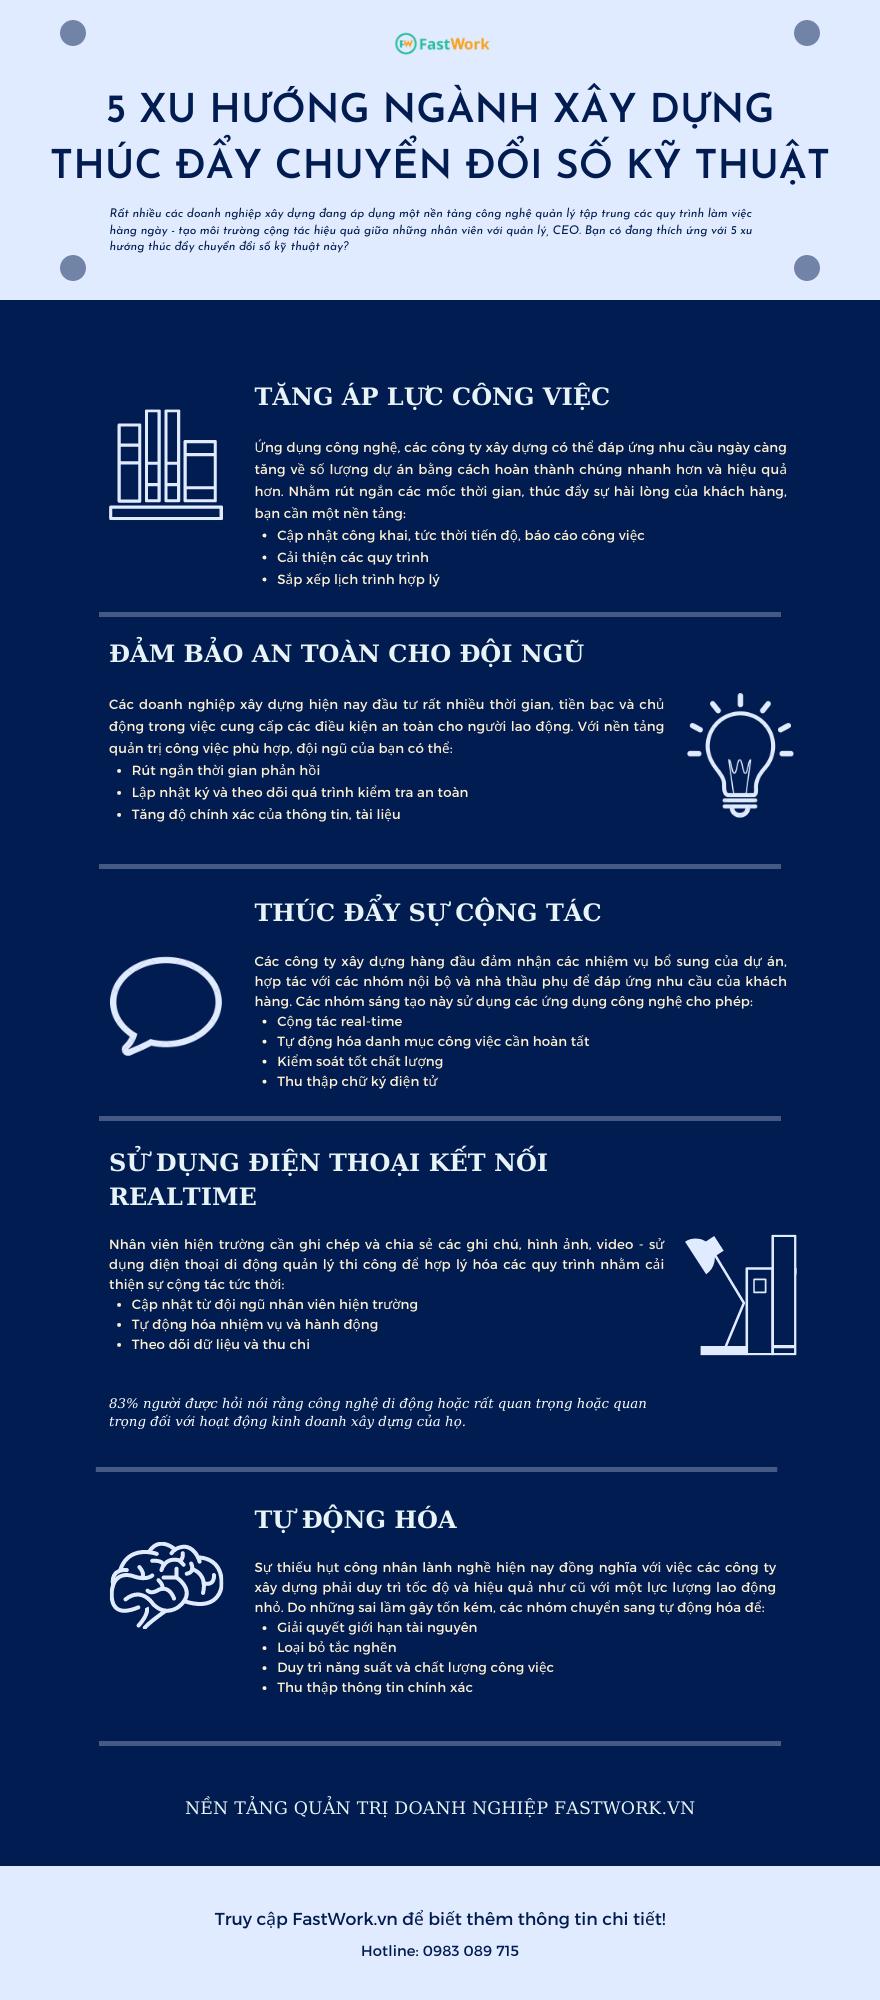 [Infographic] 5 xu hướng thúc đẩy chuyển đổi số kỹ thuật ngành xây dựng